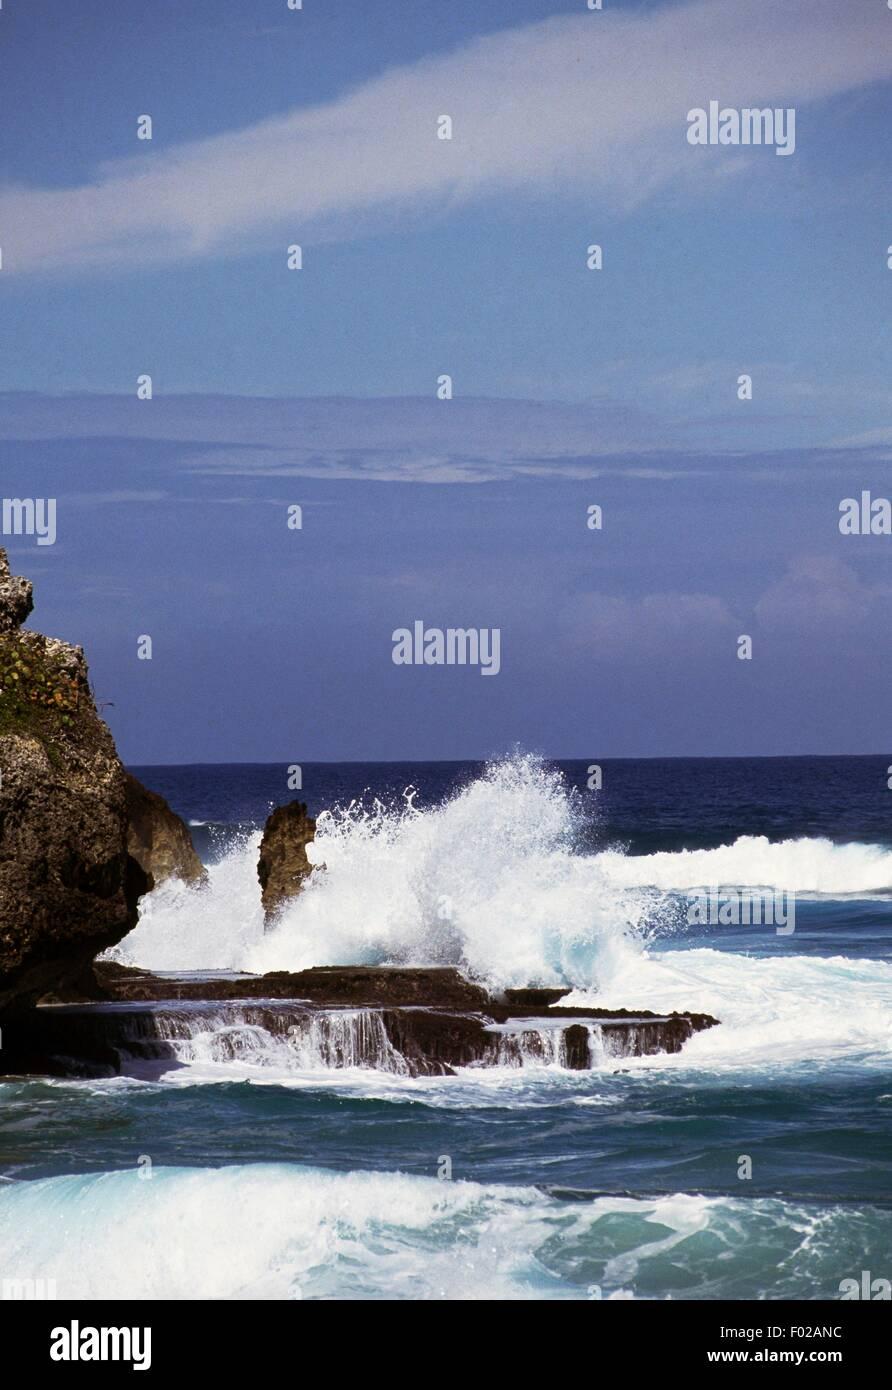 Onde che si infrangono sulla costa rocciosa, Puerto Rico. Immagini Stock